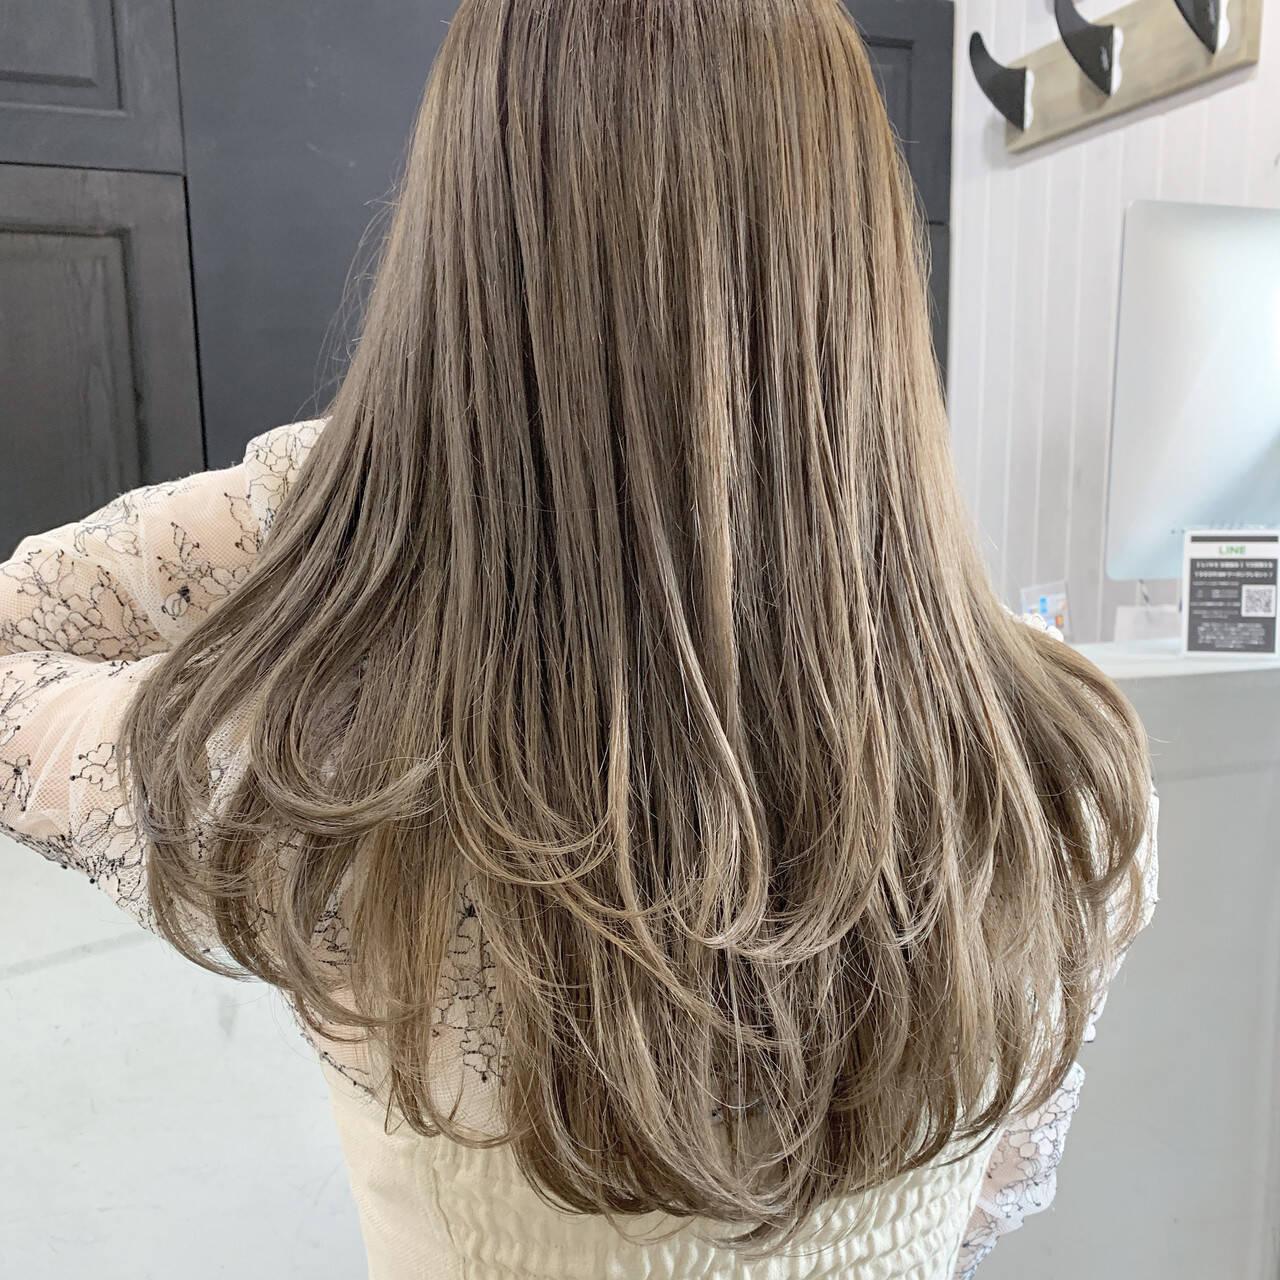 ミルクティーグレージュ グレージュ アッシュグレージュ セミロングヘアスタイルや髪型の写真・画像